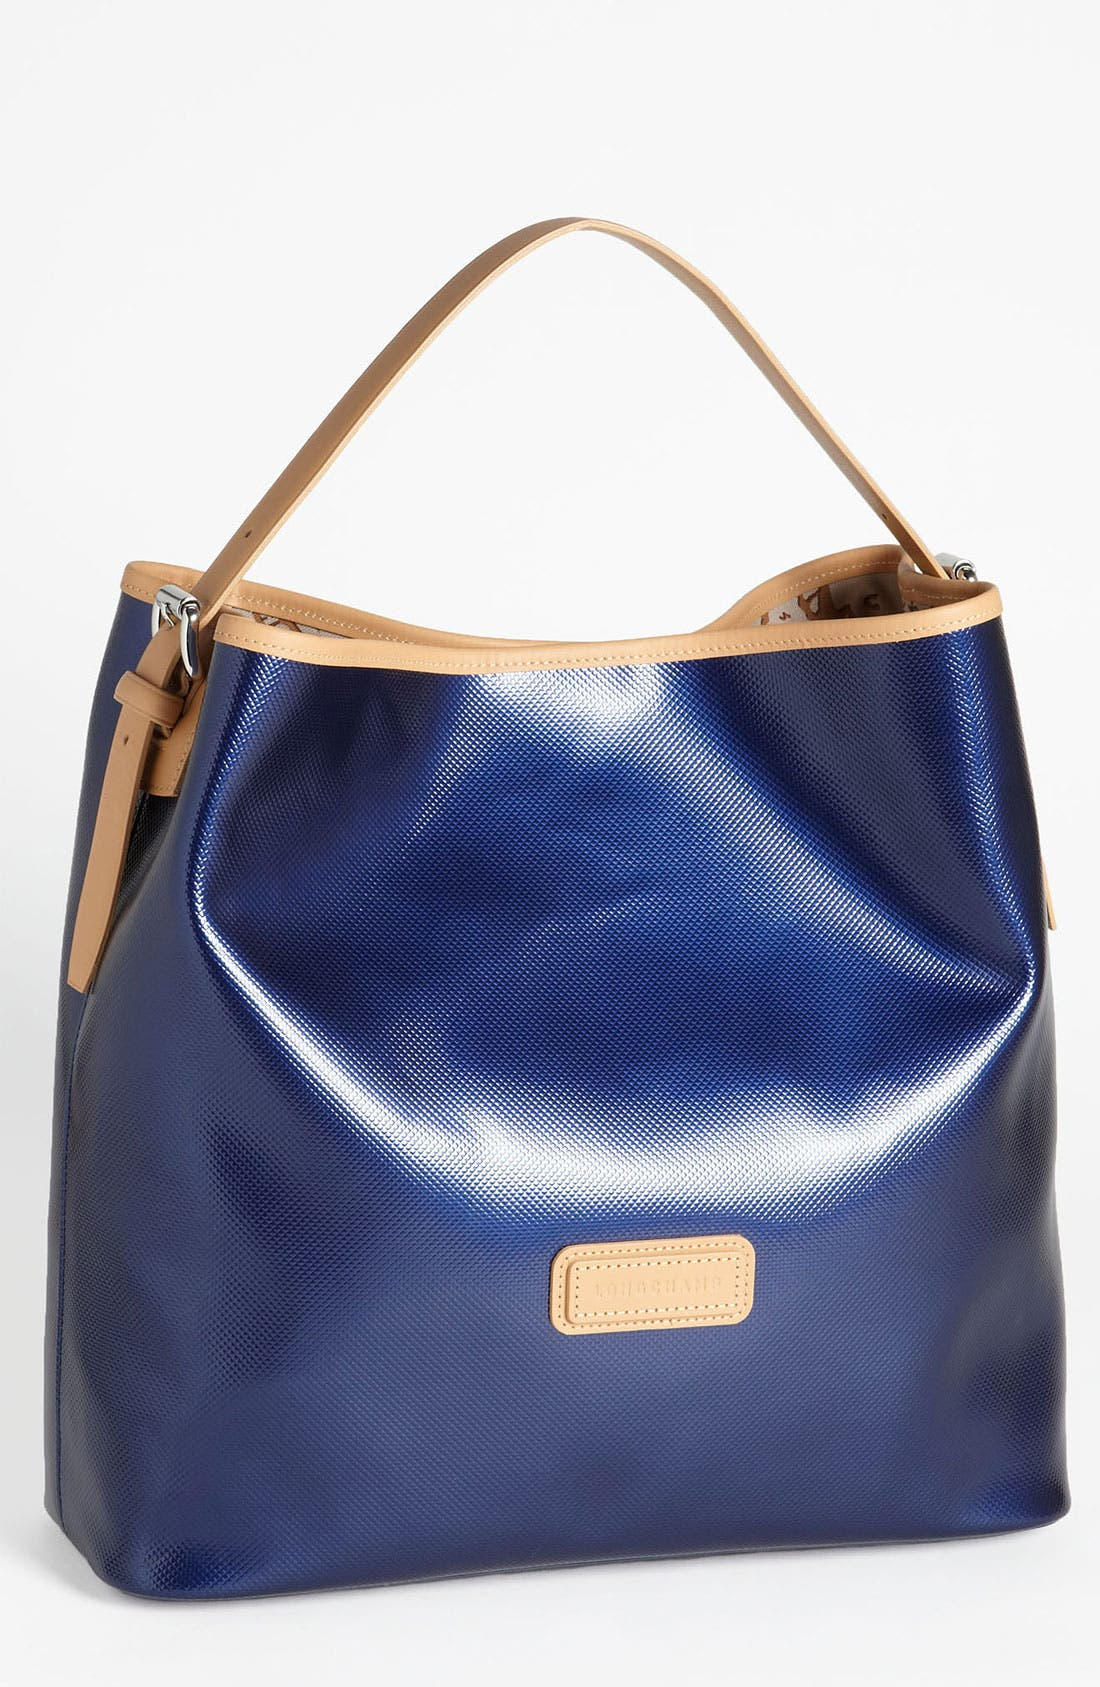 Alternate Image 1 Selected - Longchamp 'Derby Verni' Hobo